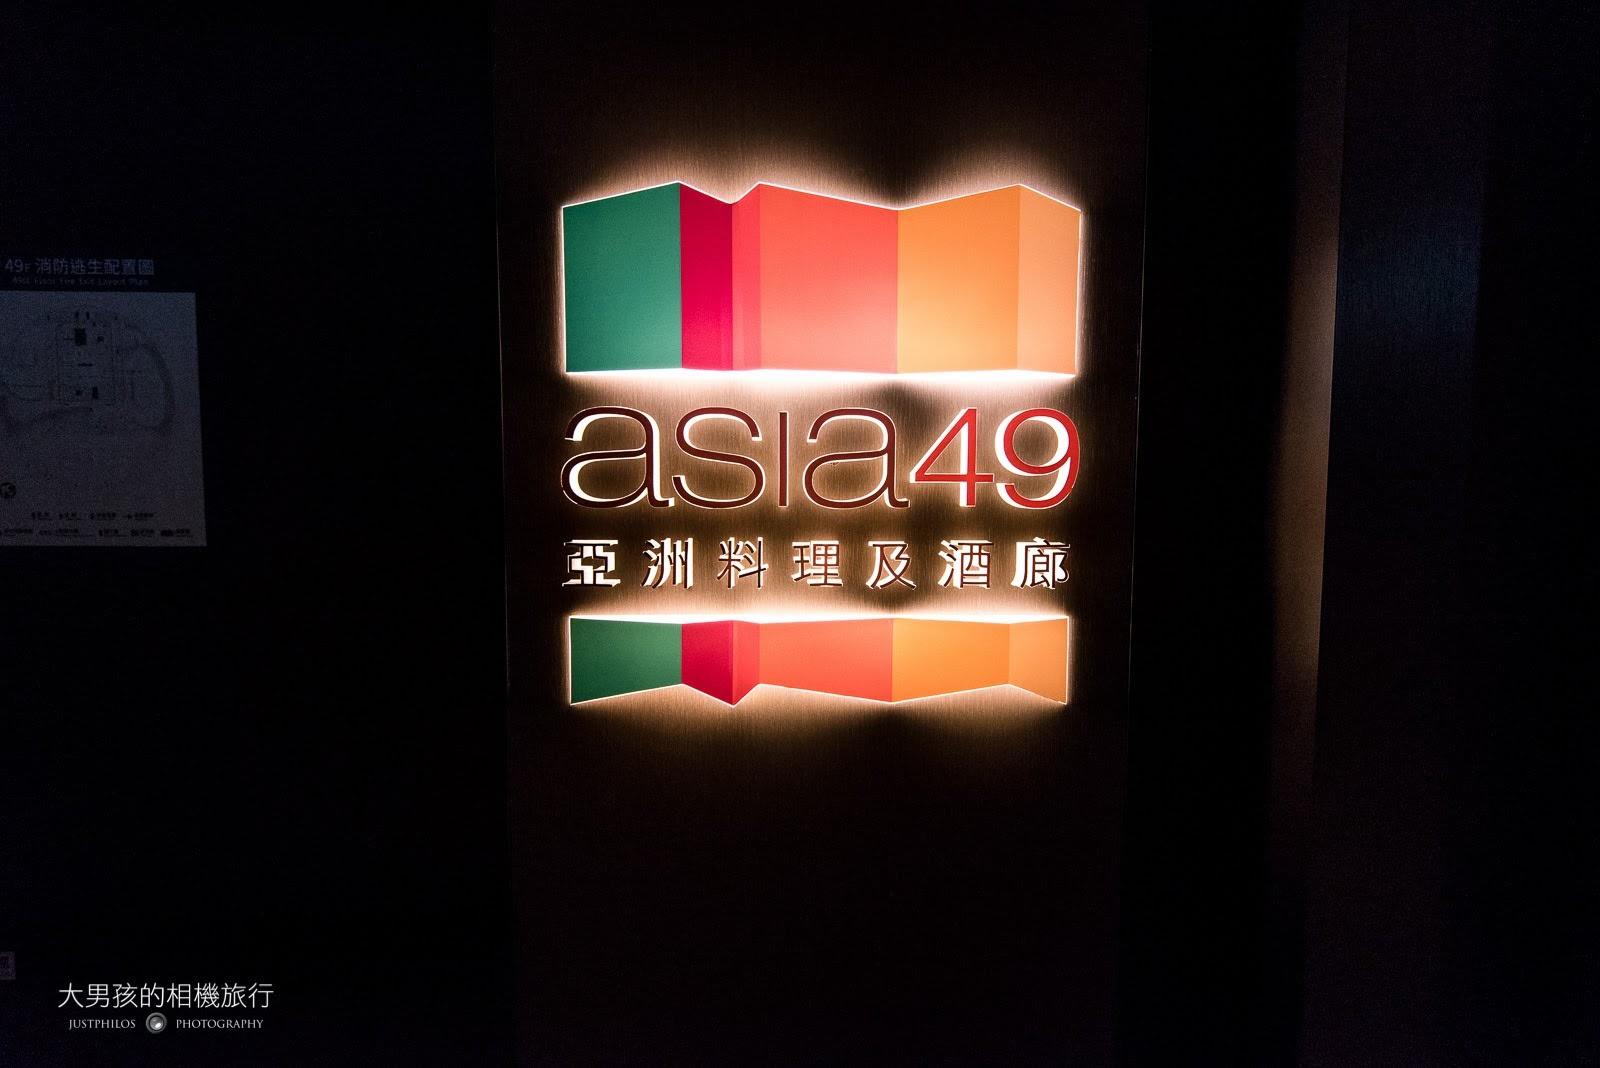 Asia 49亞洲料理及酒廊位於百揚大樓的49樓。